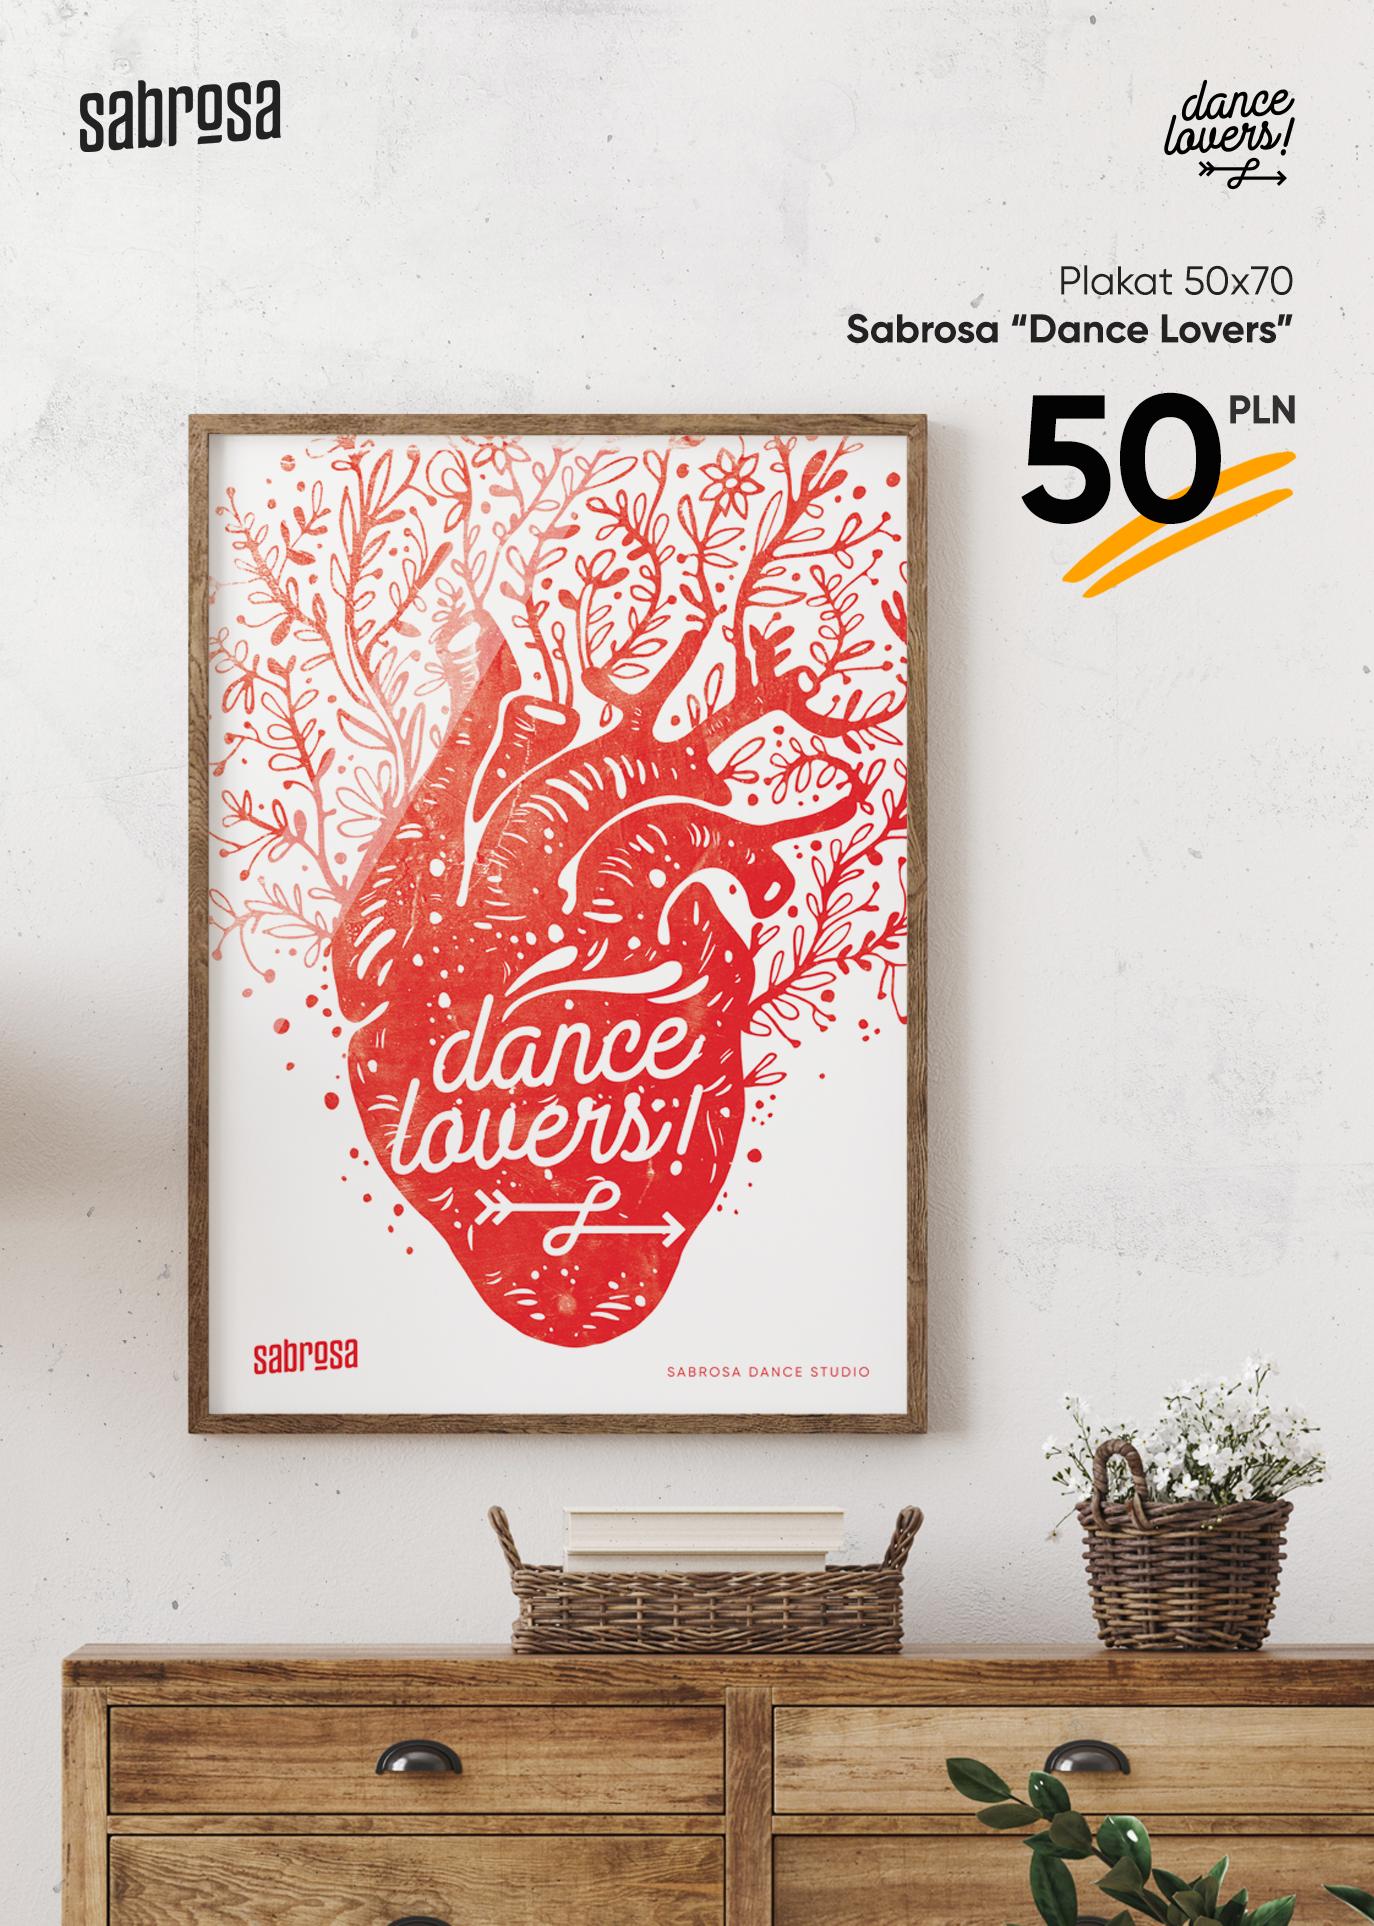 Plakaty na każdą okazję  w Salsa Sabrosa Dance Studio - Kraków